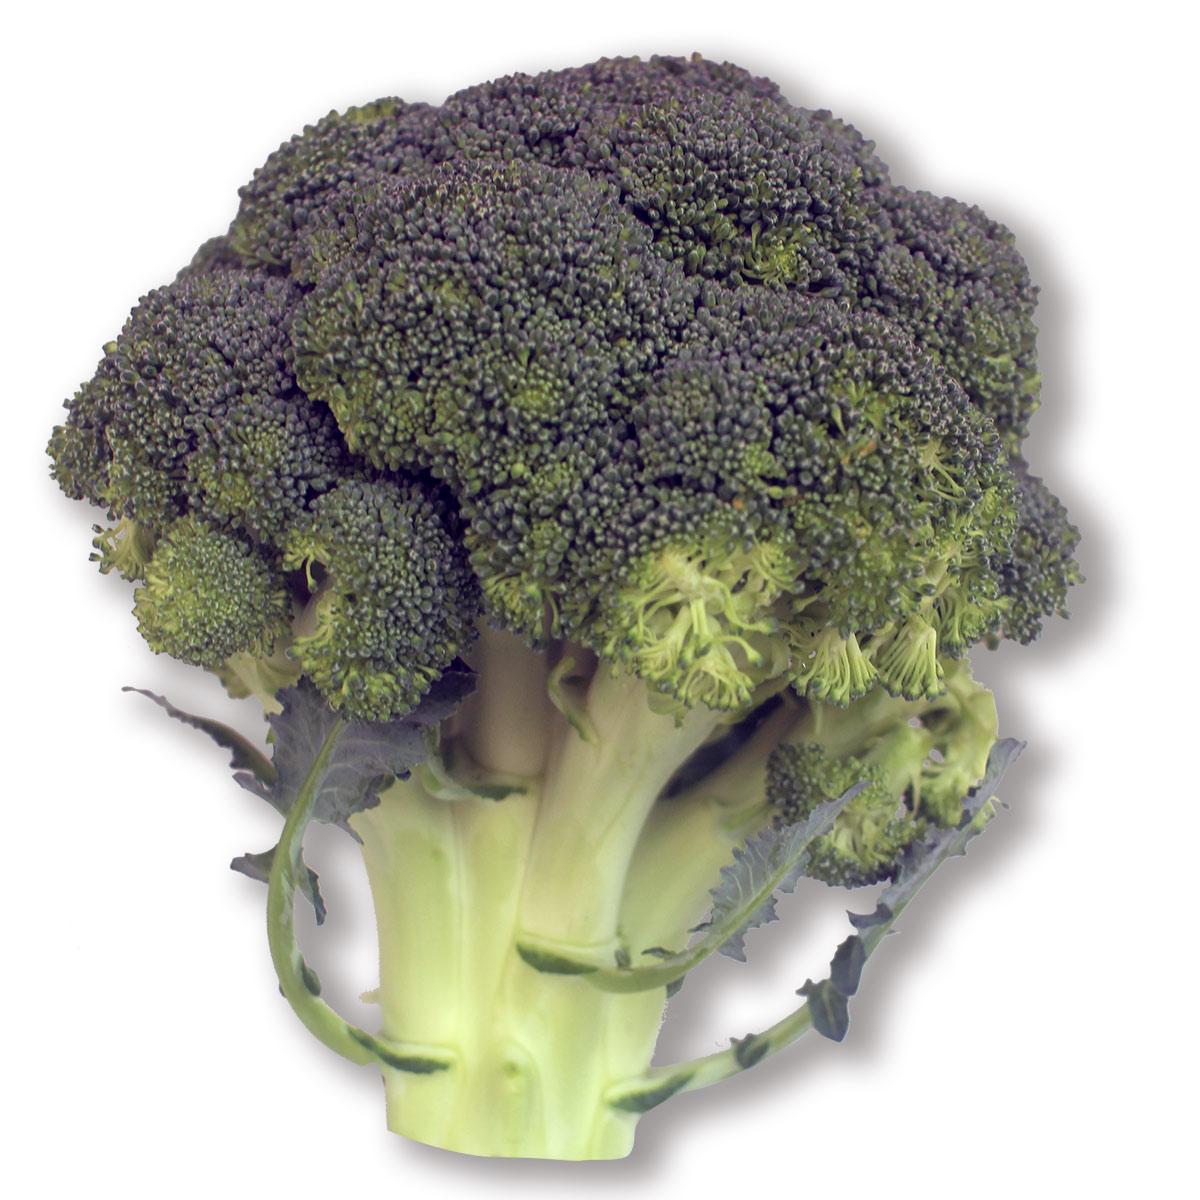 Brócoli por libra, fresco y de la mejor calidad, tenemos domicilios en Bogotá.